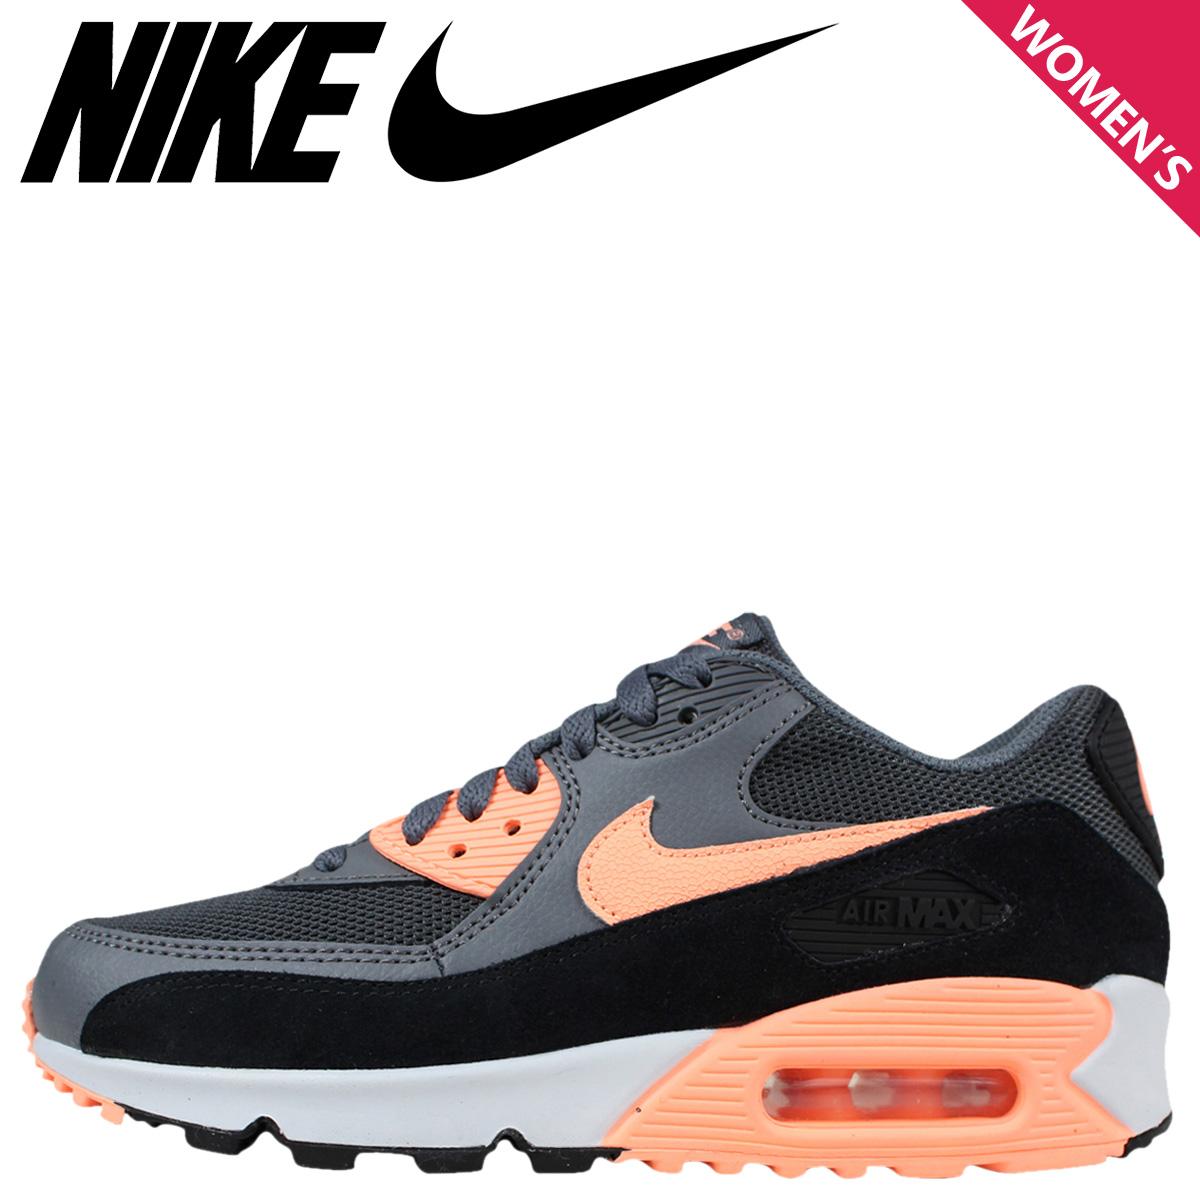 gut aussehen Schuhe verkaufen speziell für Schuh Schönheit